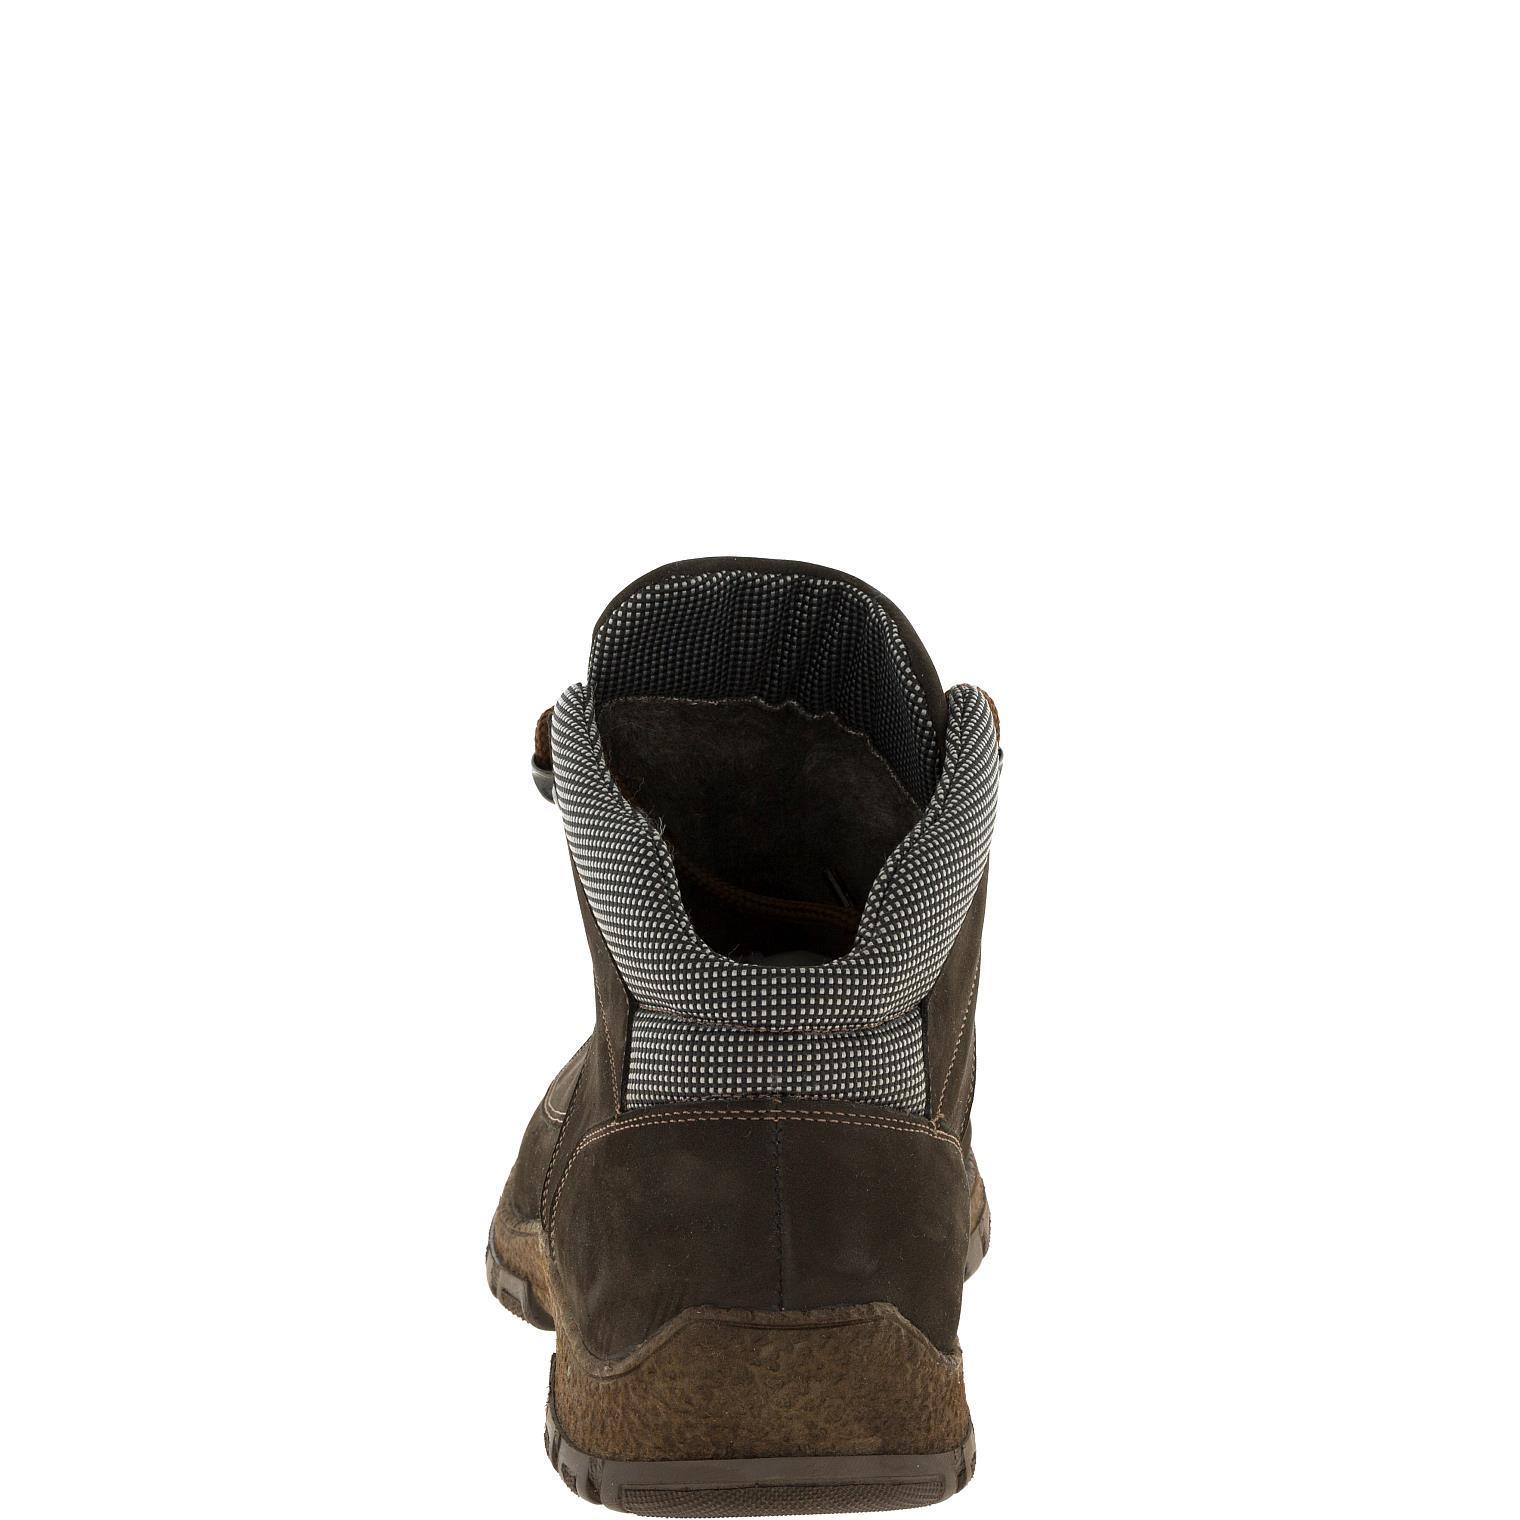 636316 Ботинки мужские коричневые нубук больших размеров марки Делфино